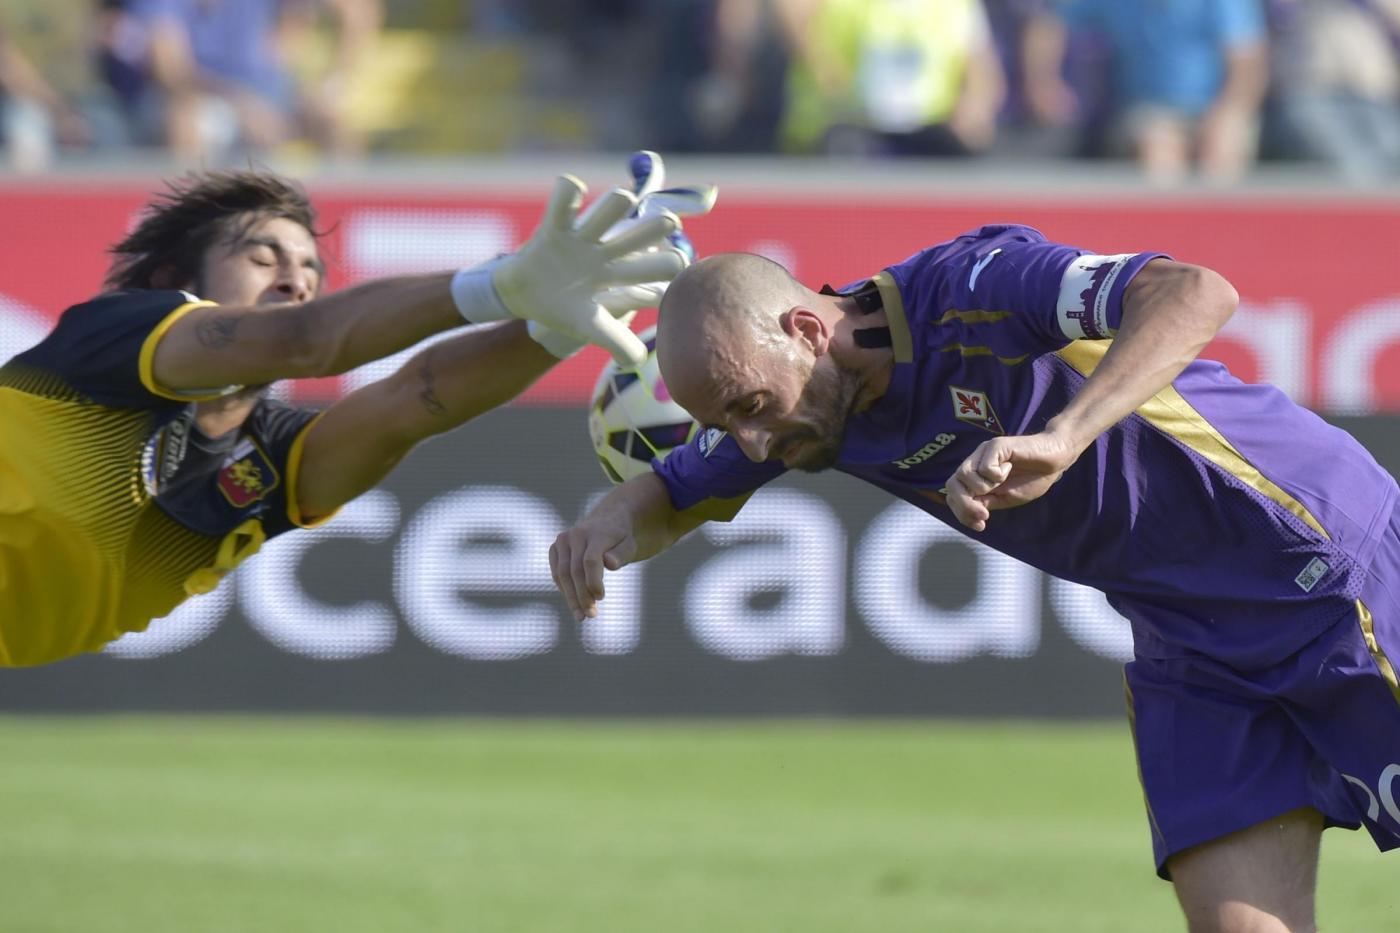 Genoa vs Fiorentina 1-1 con clamoroso autogol di Tatarusanu